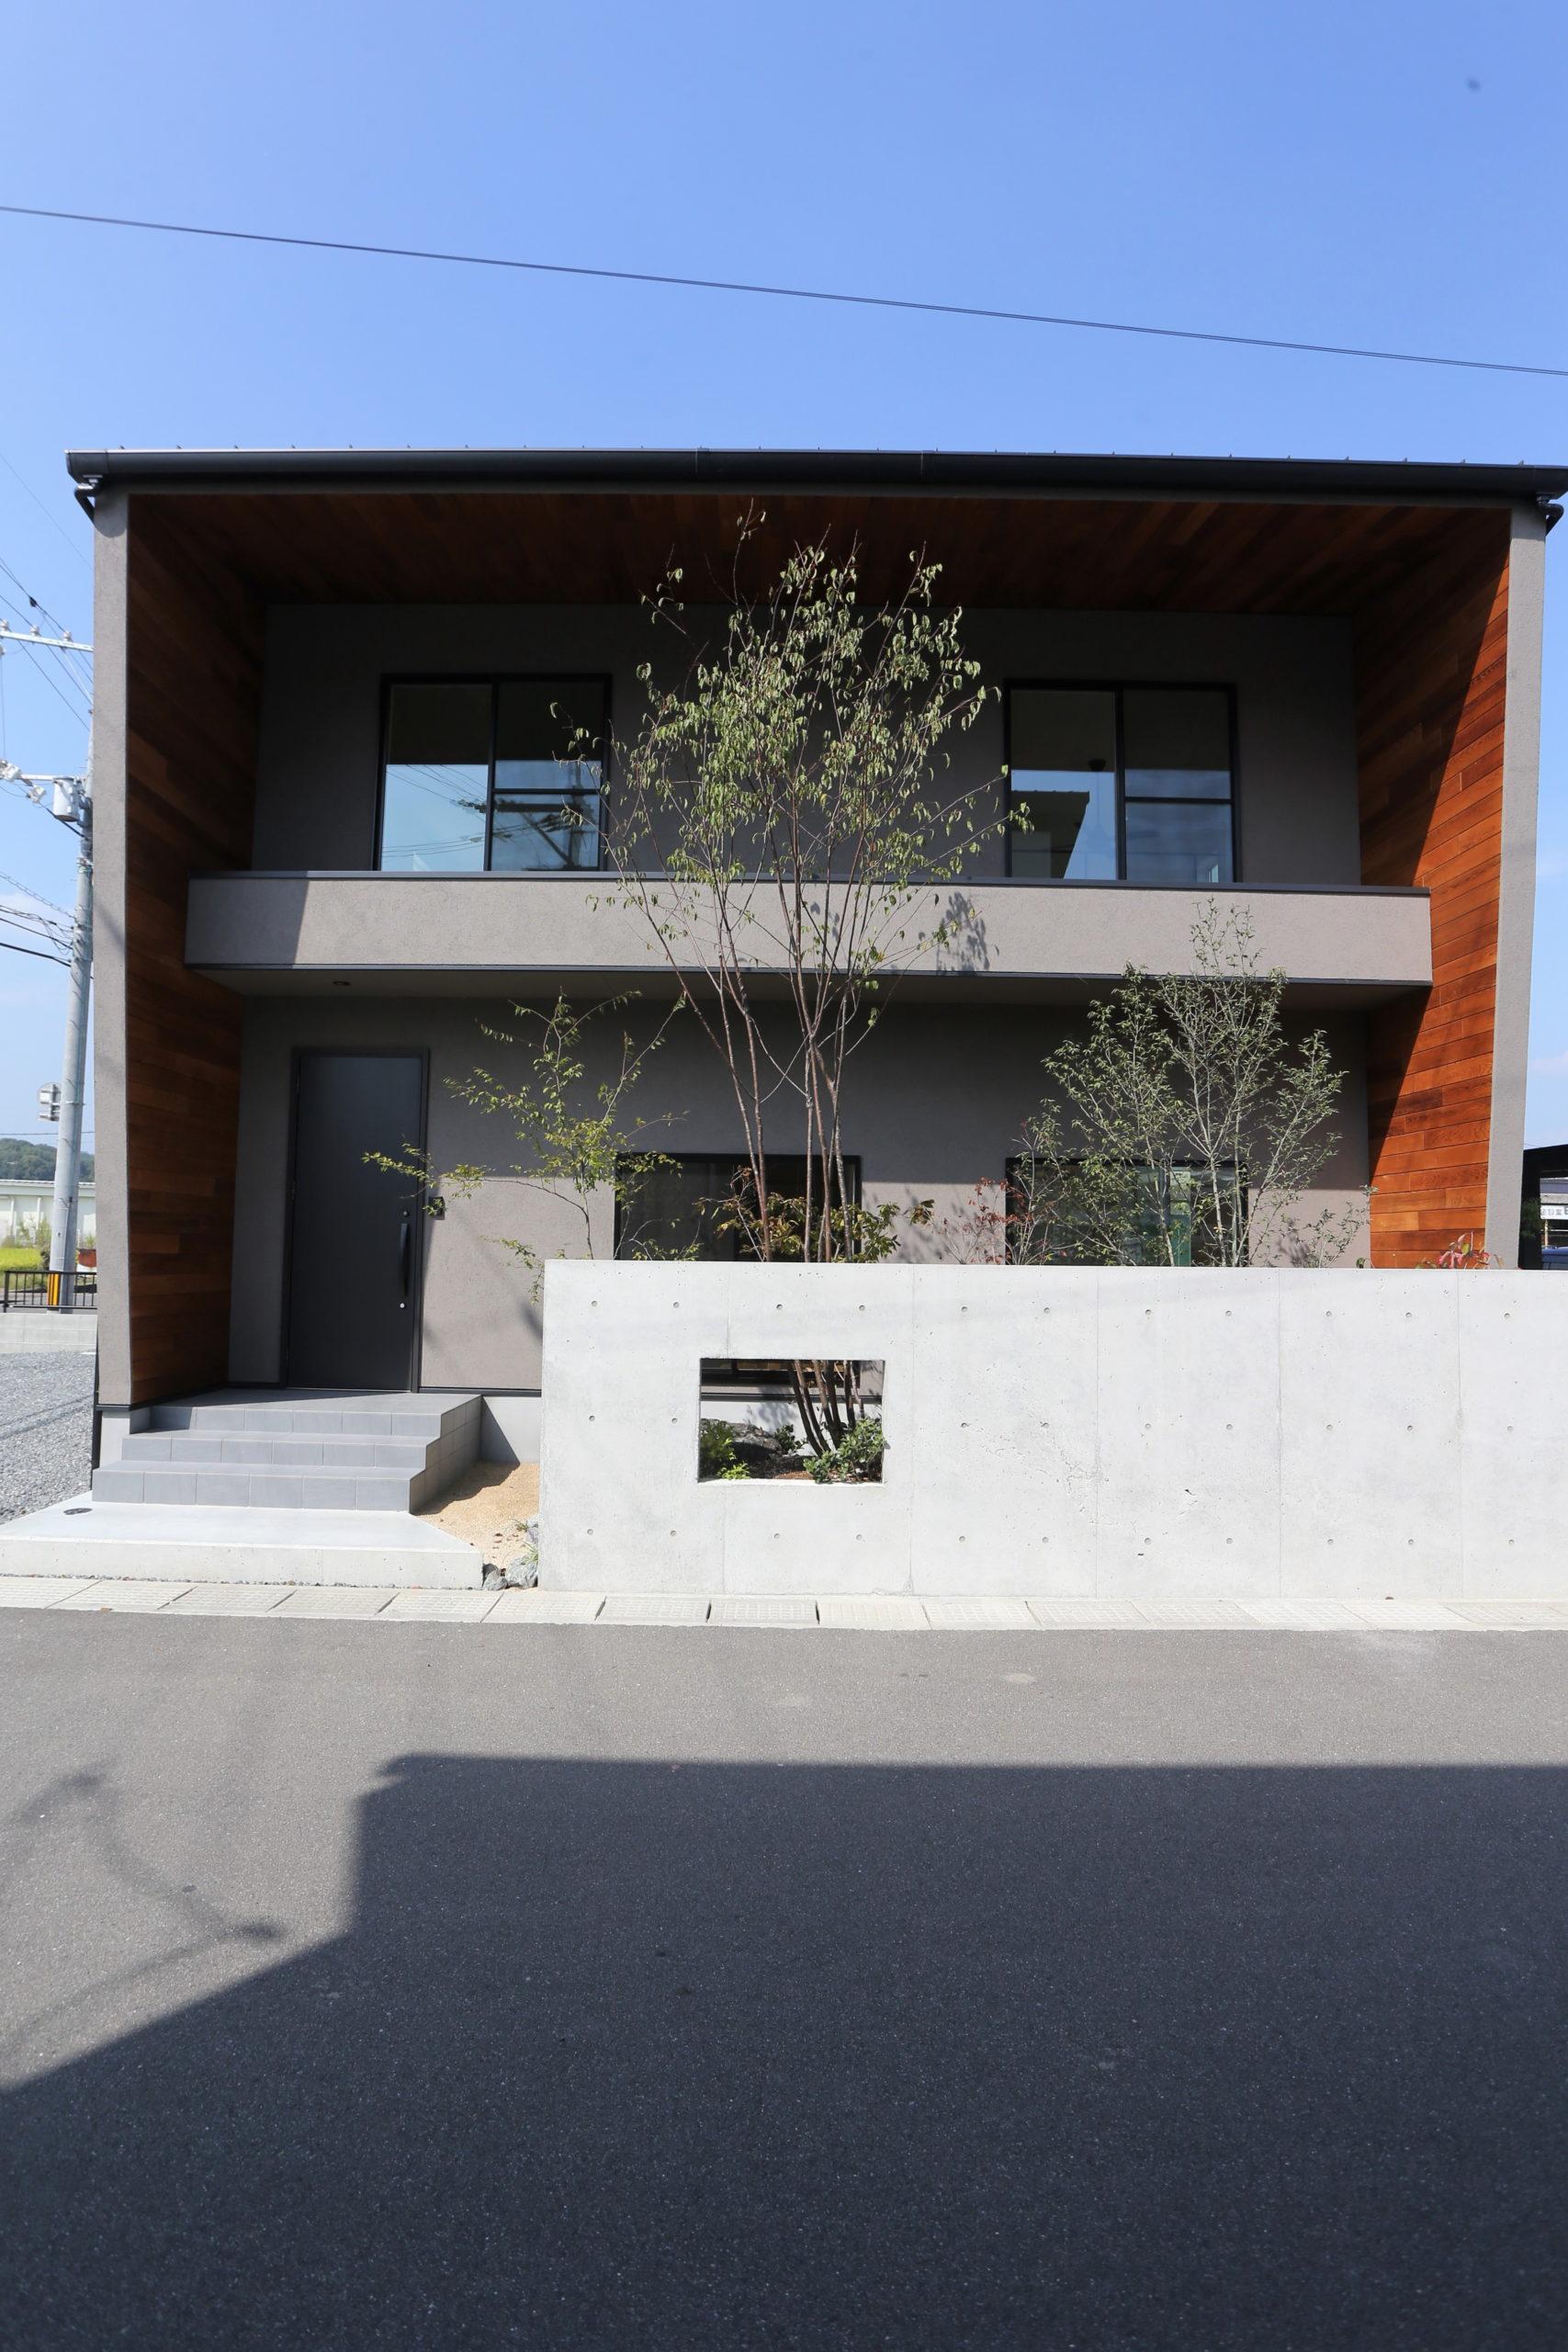 福山市の注文住宅|今井住建の施工事例ギャラリー「外構も素敵な家の一部」